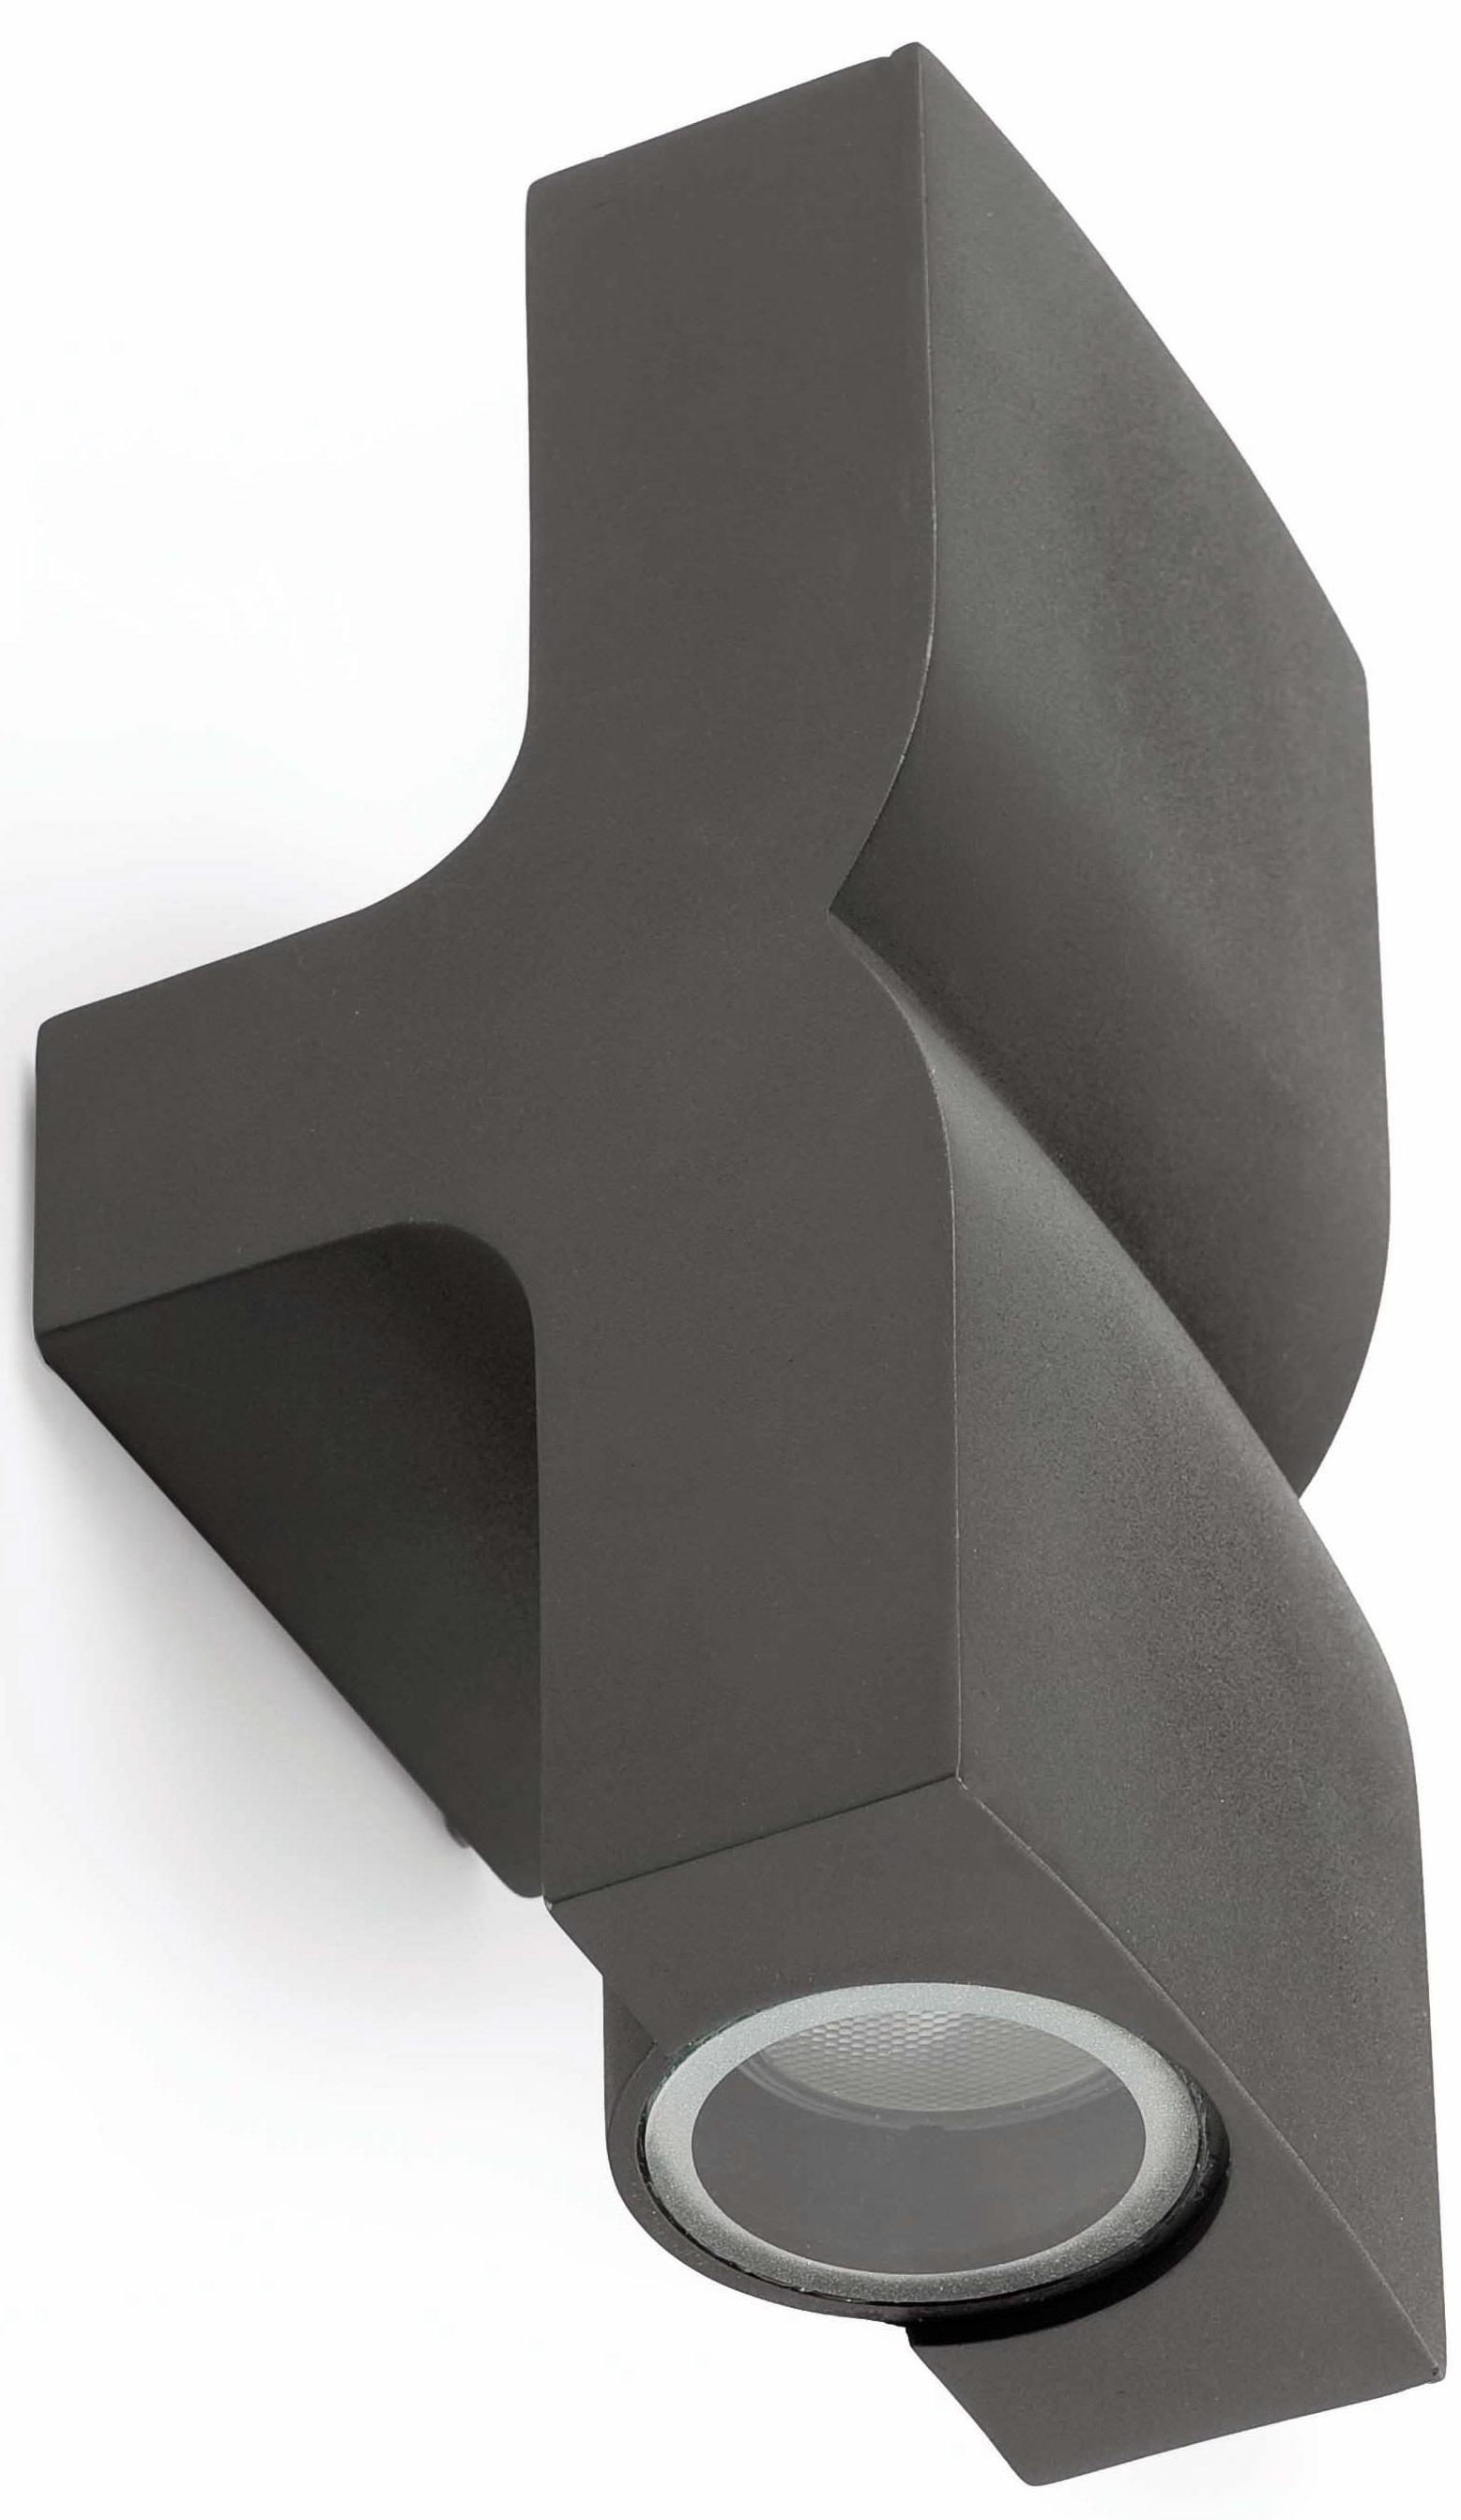 Applique moderne extérieure aluminium gris foncé 2 lampes Thalos